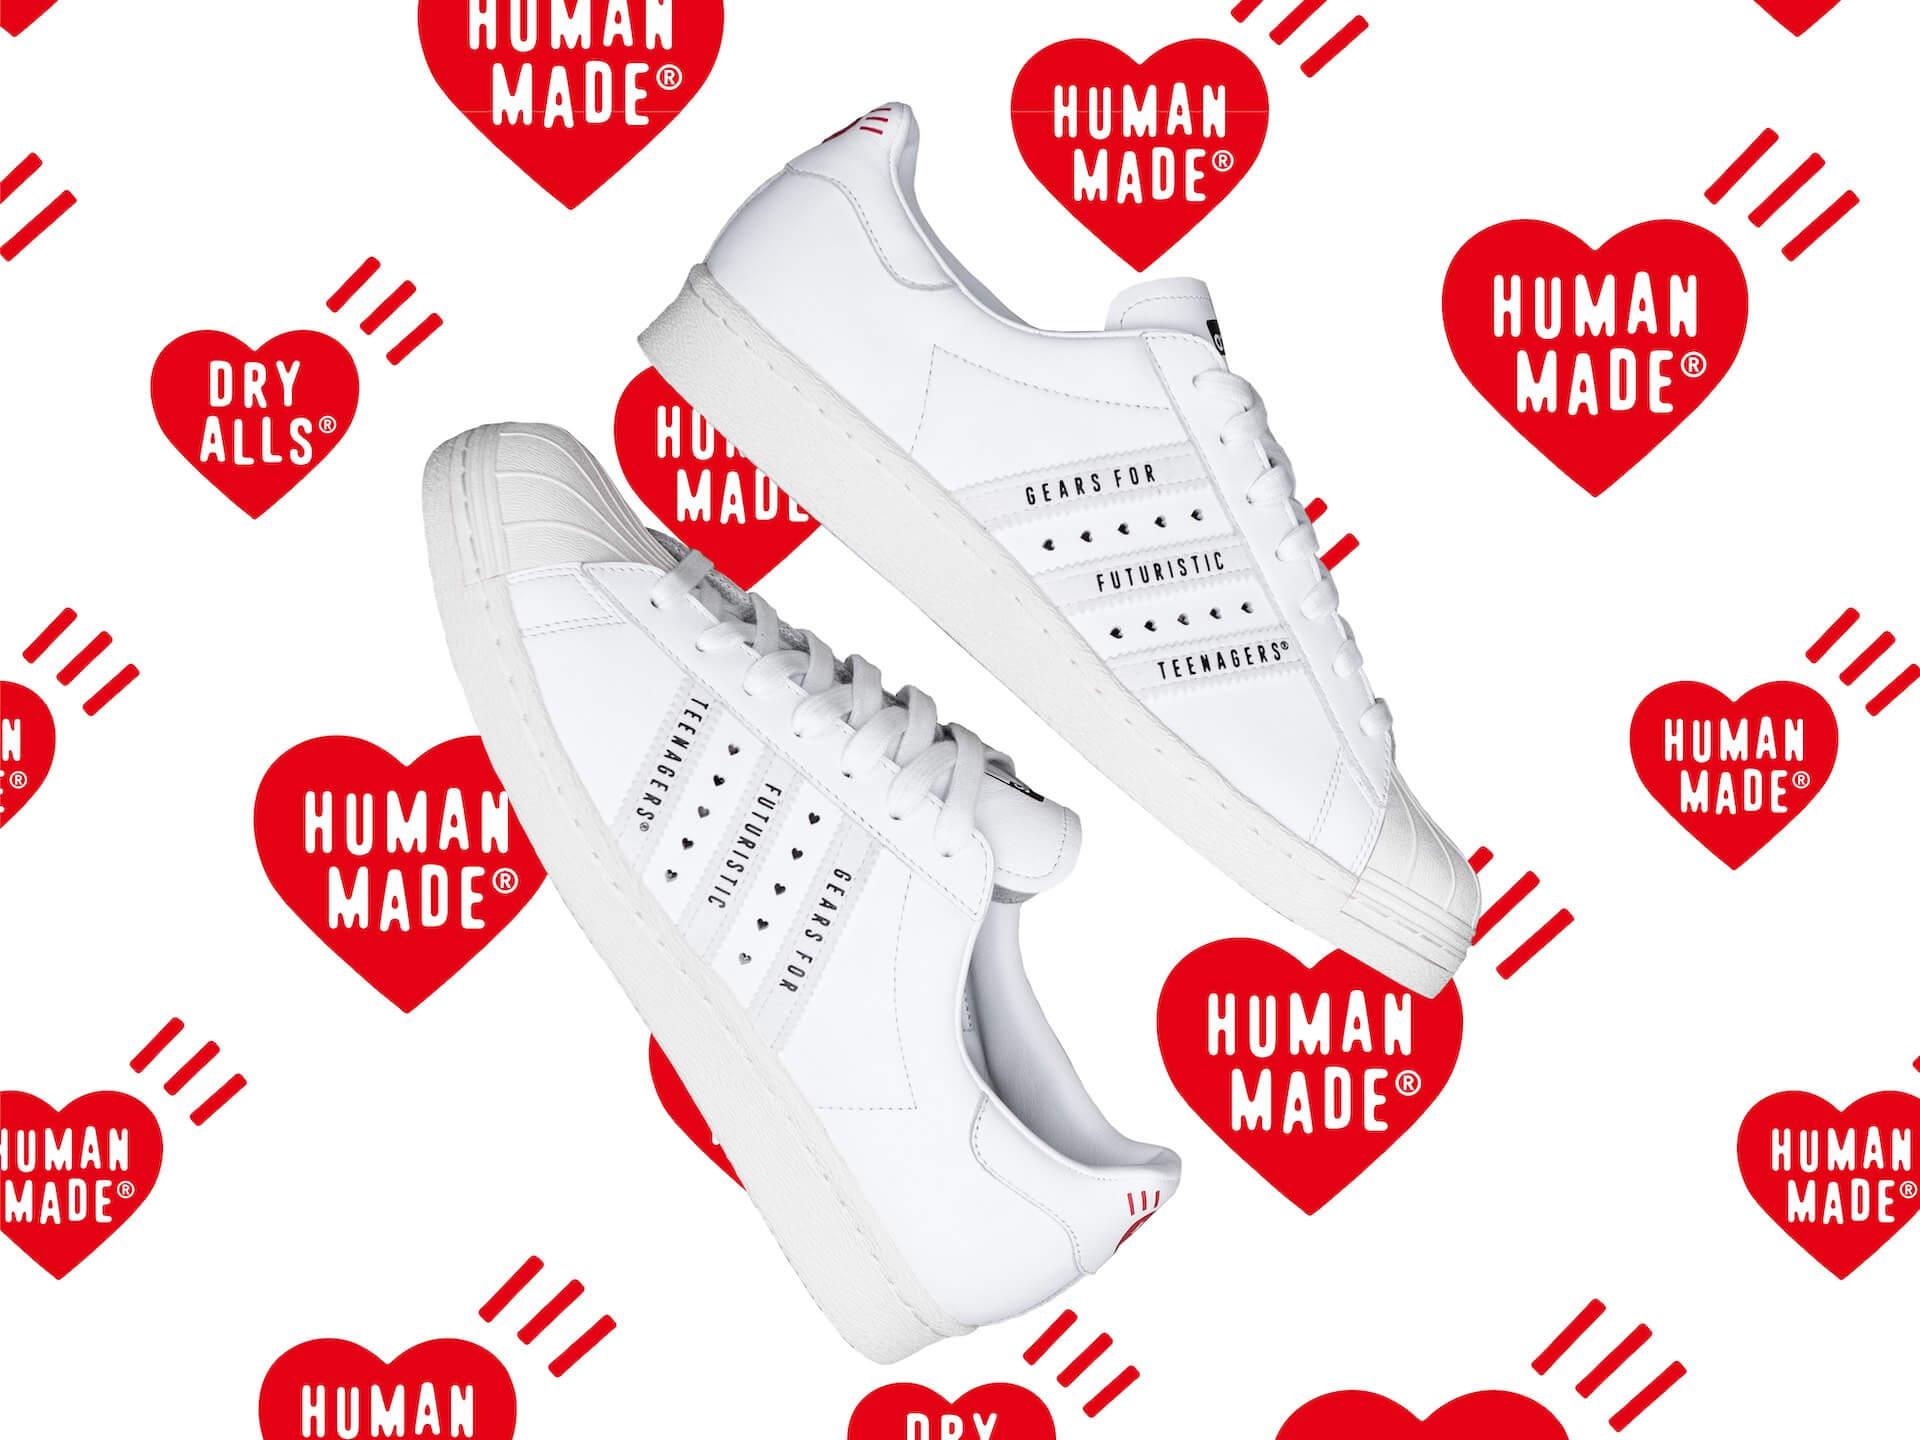 adidas OriginalsとNIGOがコラボ!ハートロゴがあしらわれた『SUPERSTAR』が発売 lf200417_adidashumanmade_02